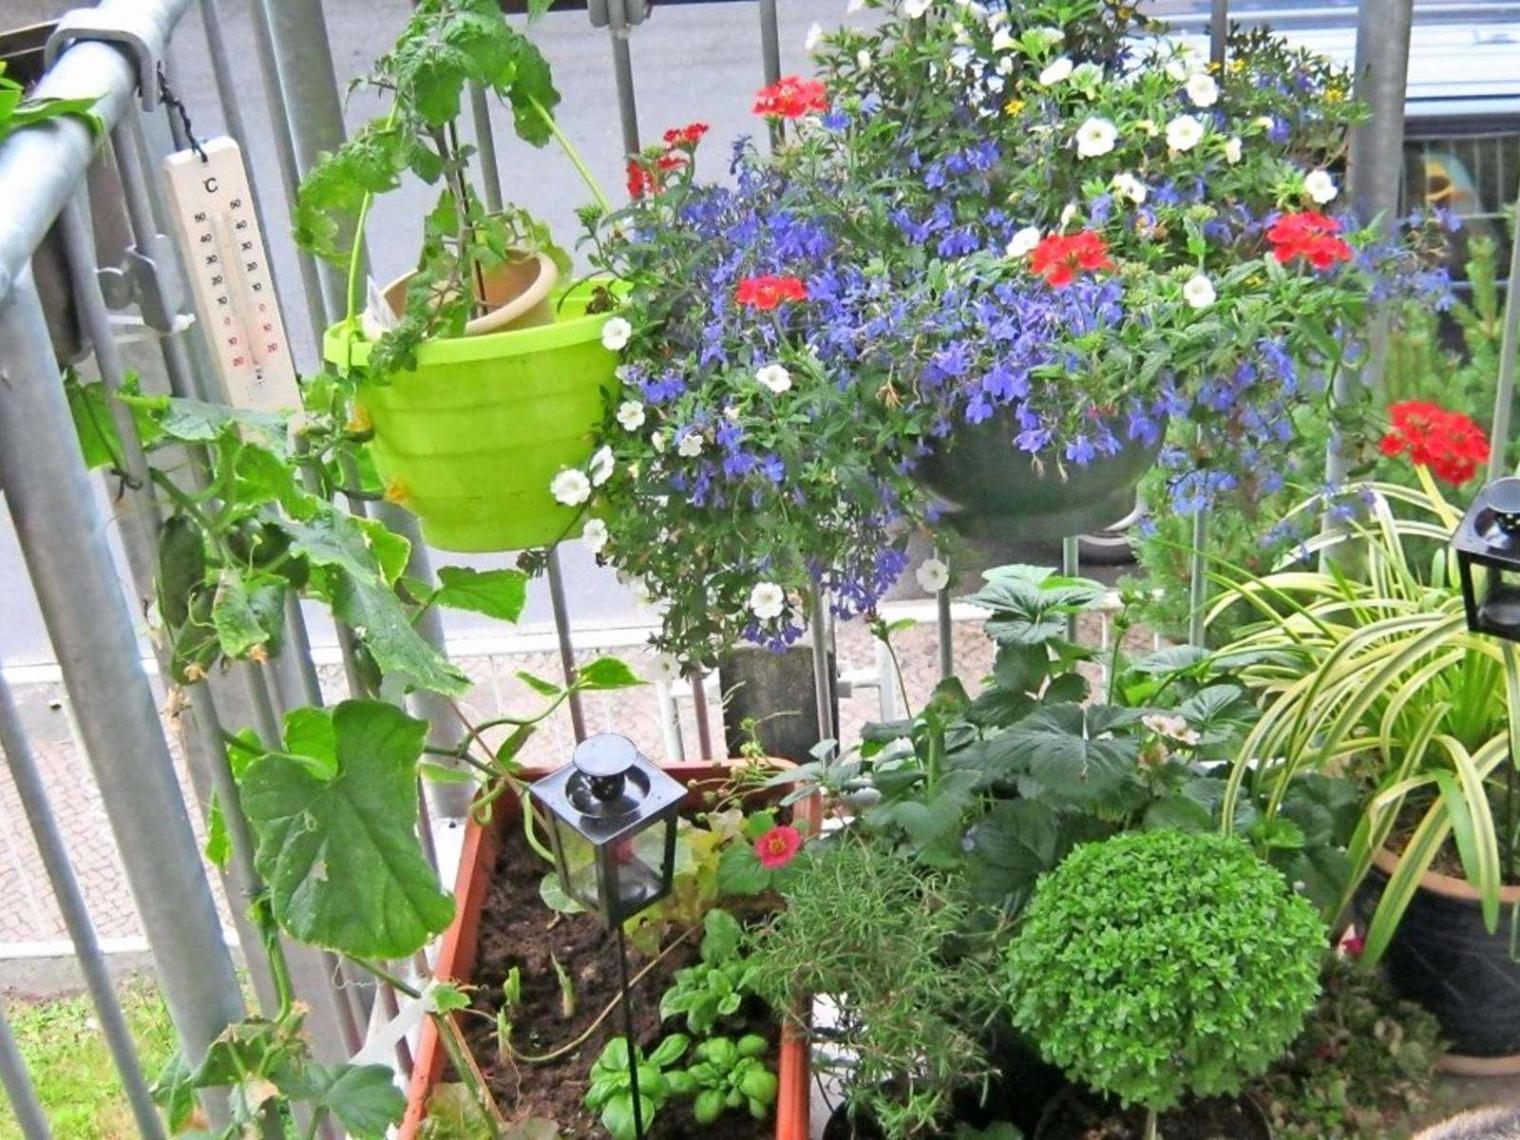 42 luxus garten pflanzen sichtschutz stock garten pflanzen sichtschutz garten pflanzen sichtschutz